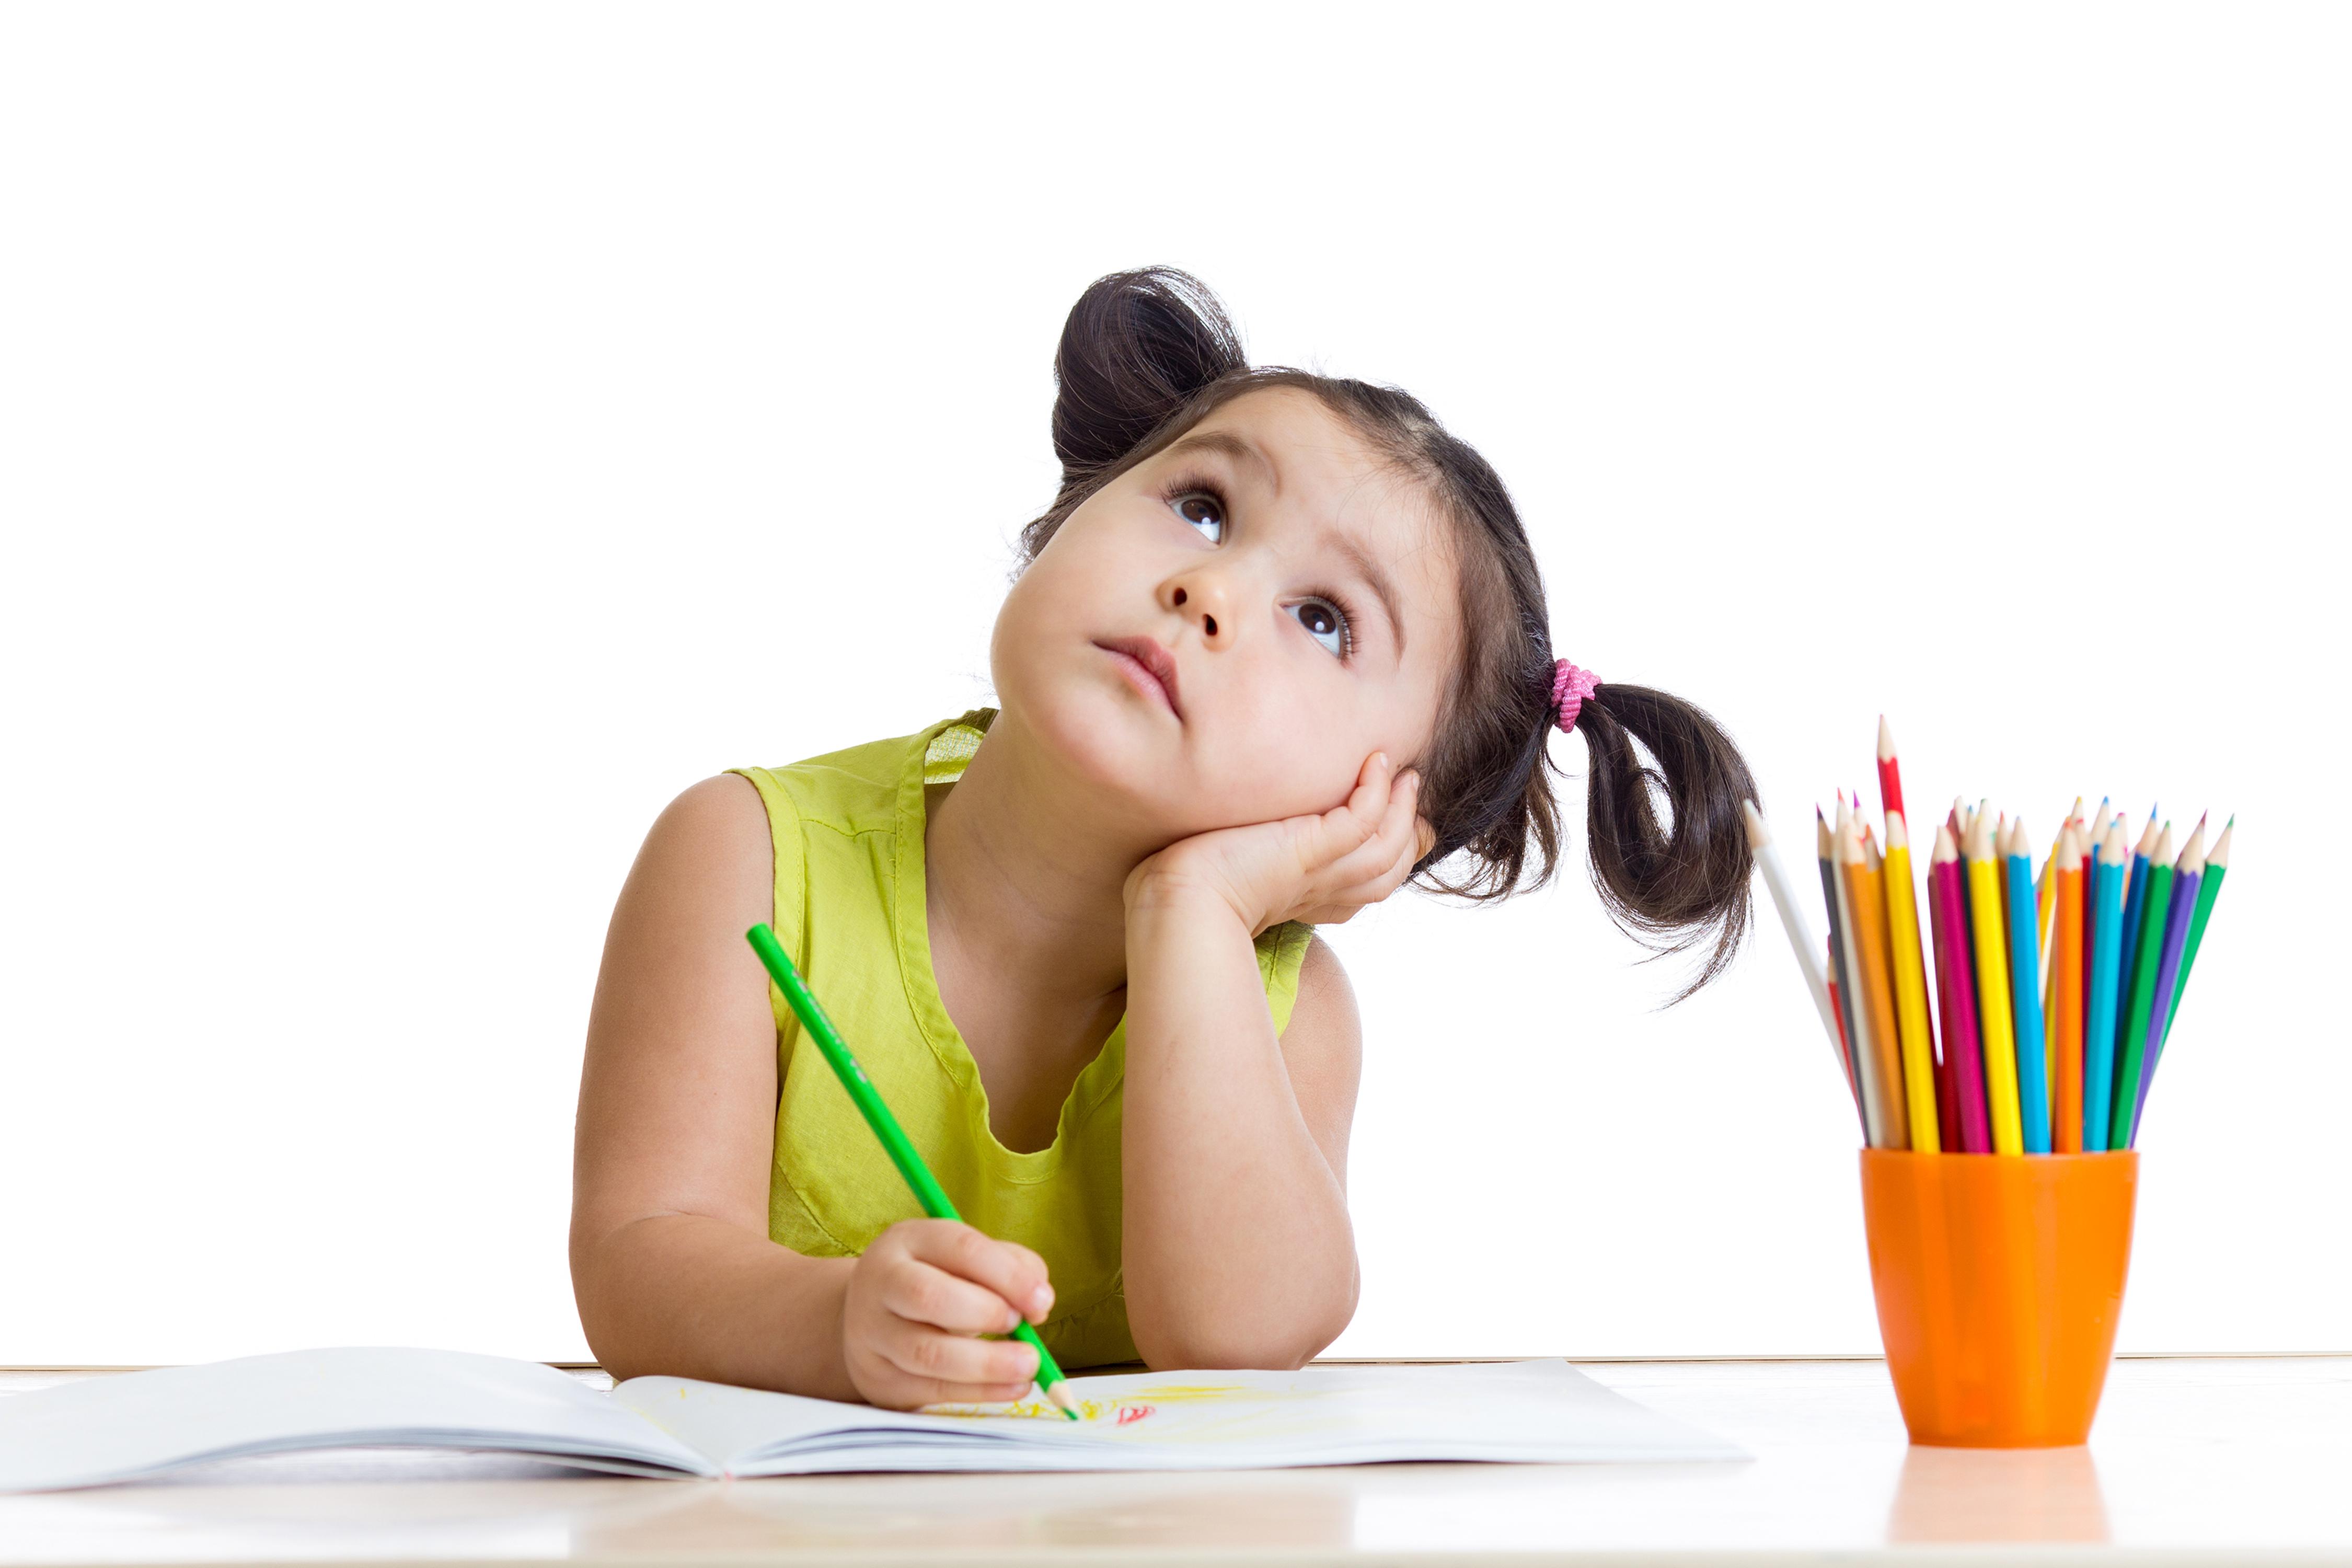 El arte de escribir ¡cómo coger el lápiz!